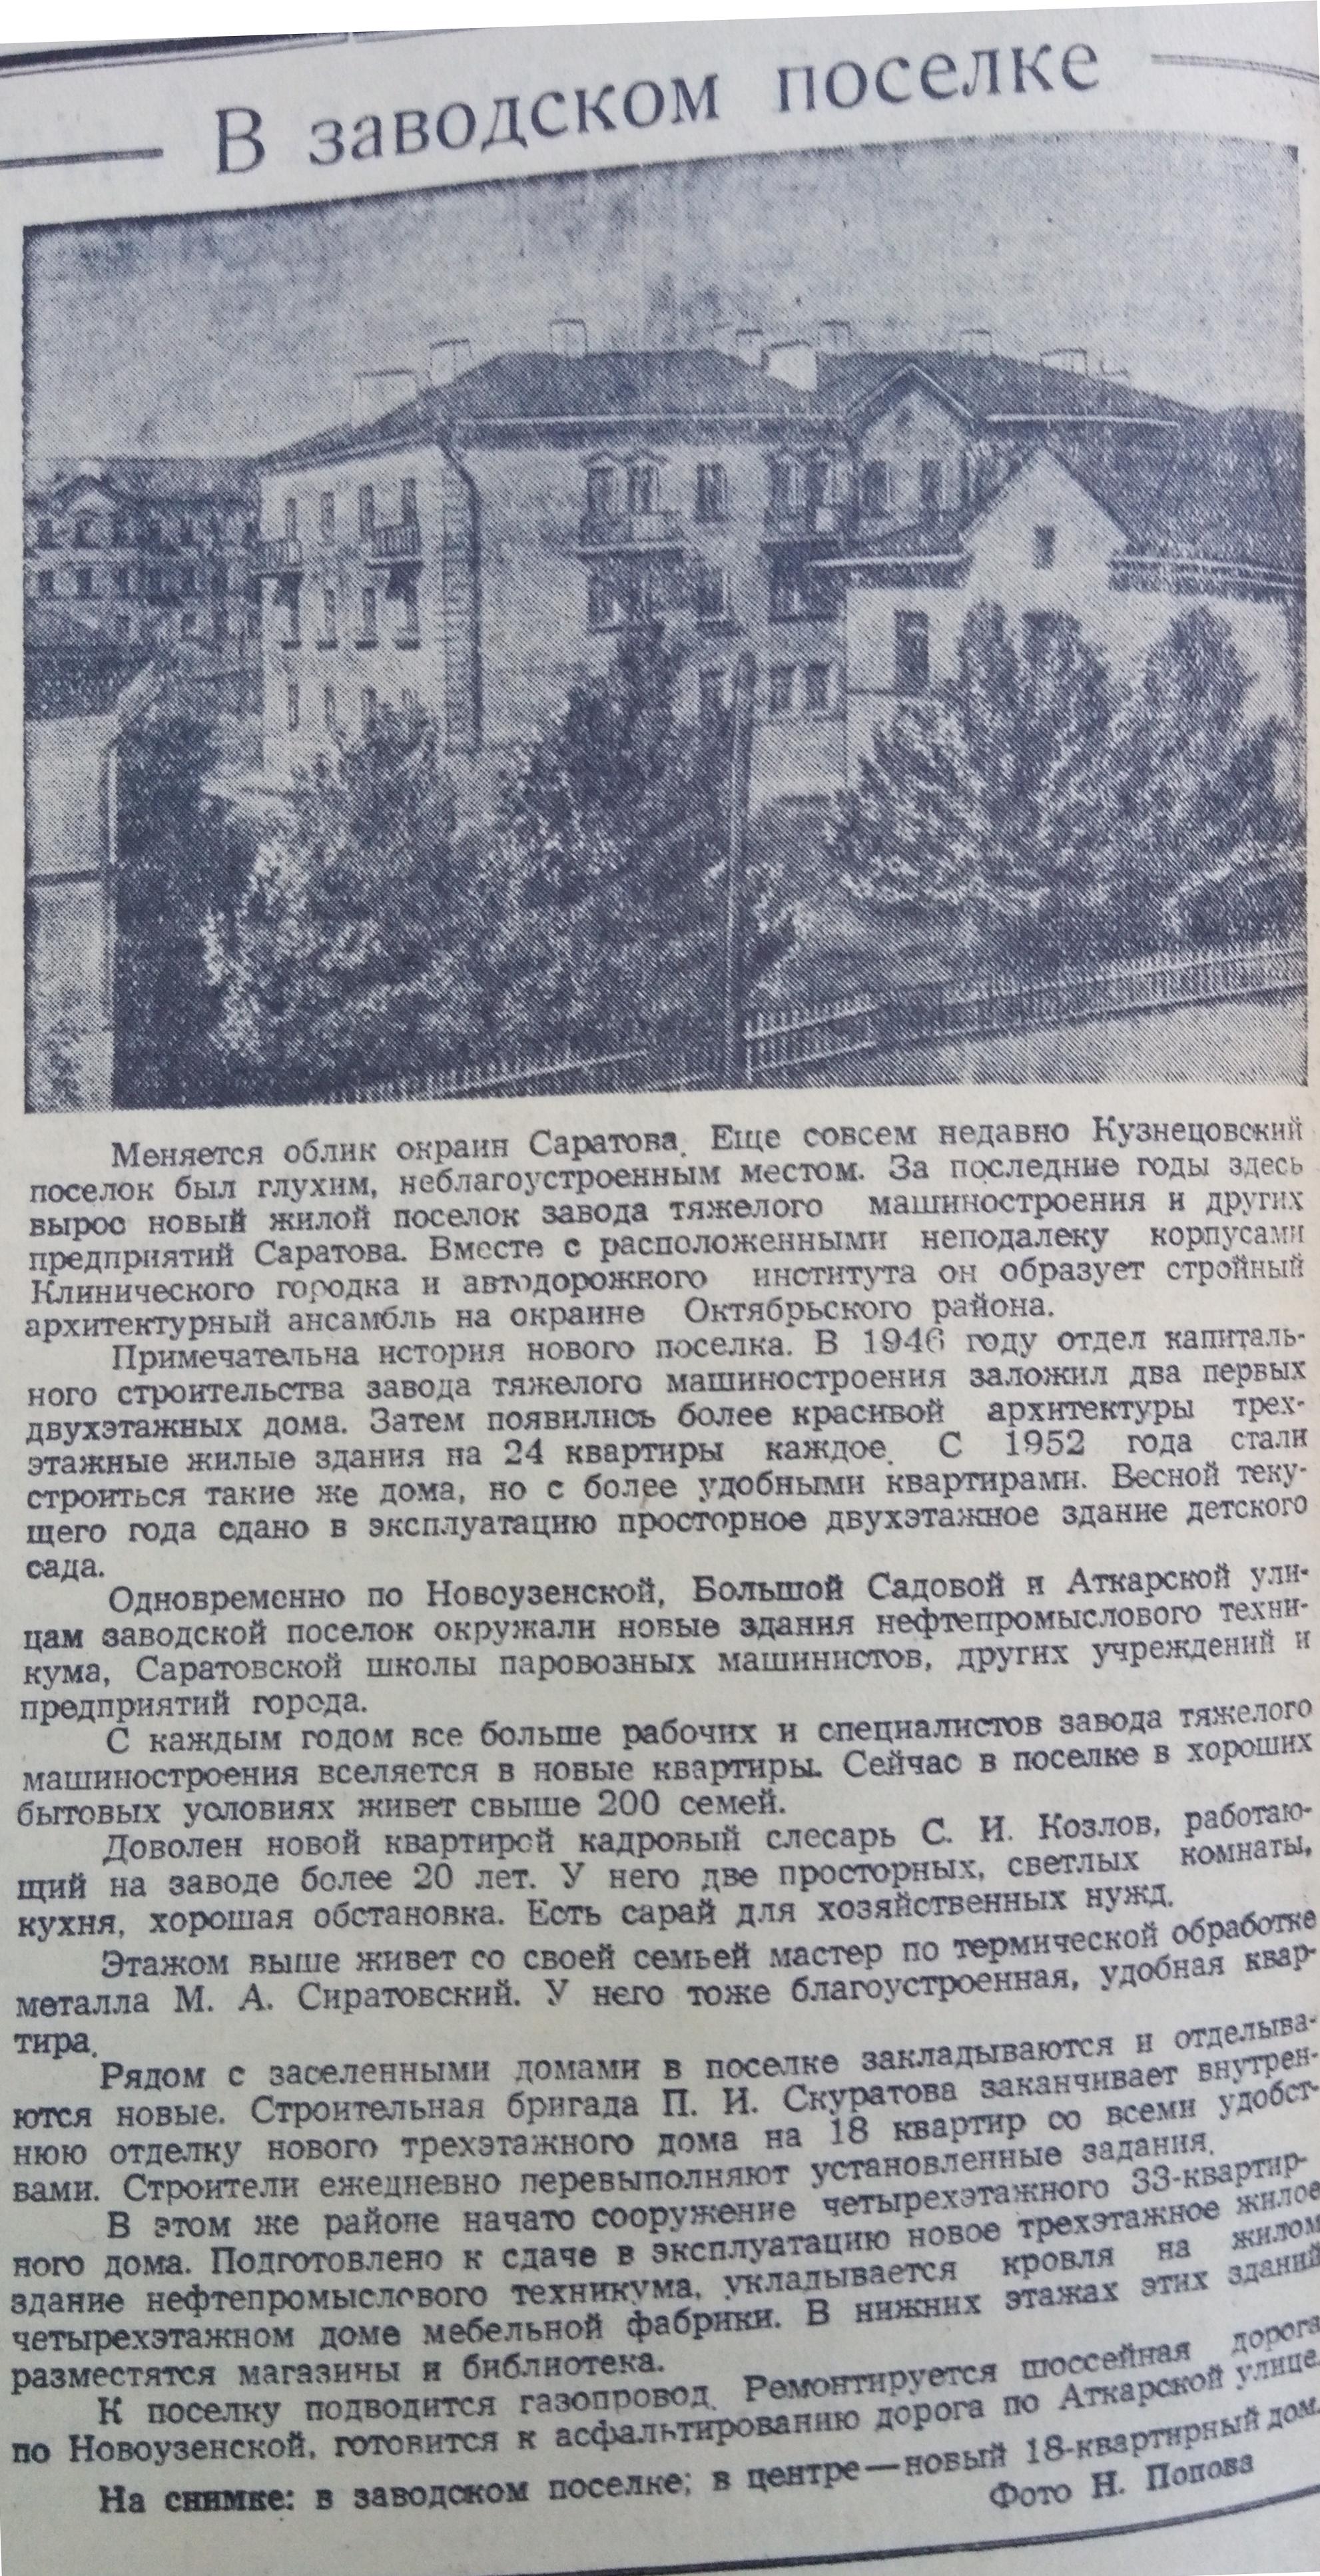 1954-кузнецовский поселок 2 садовая аткарская.jpg